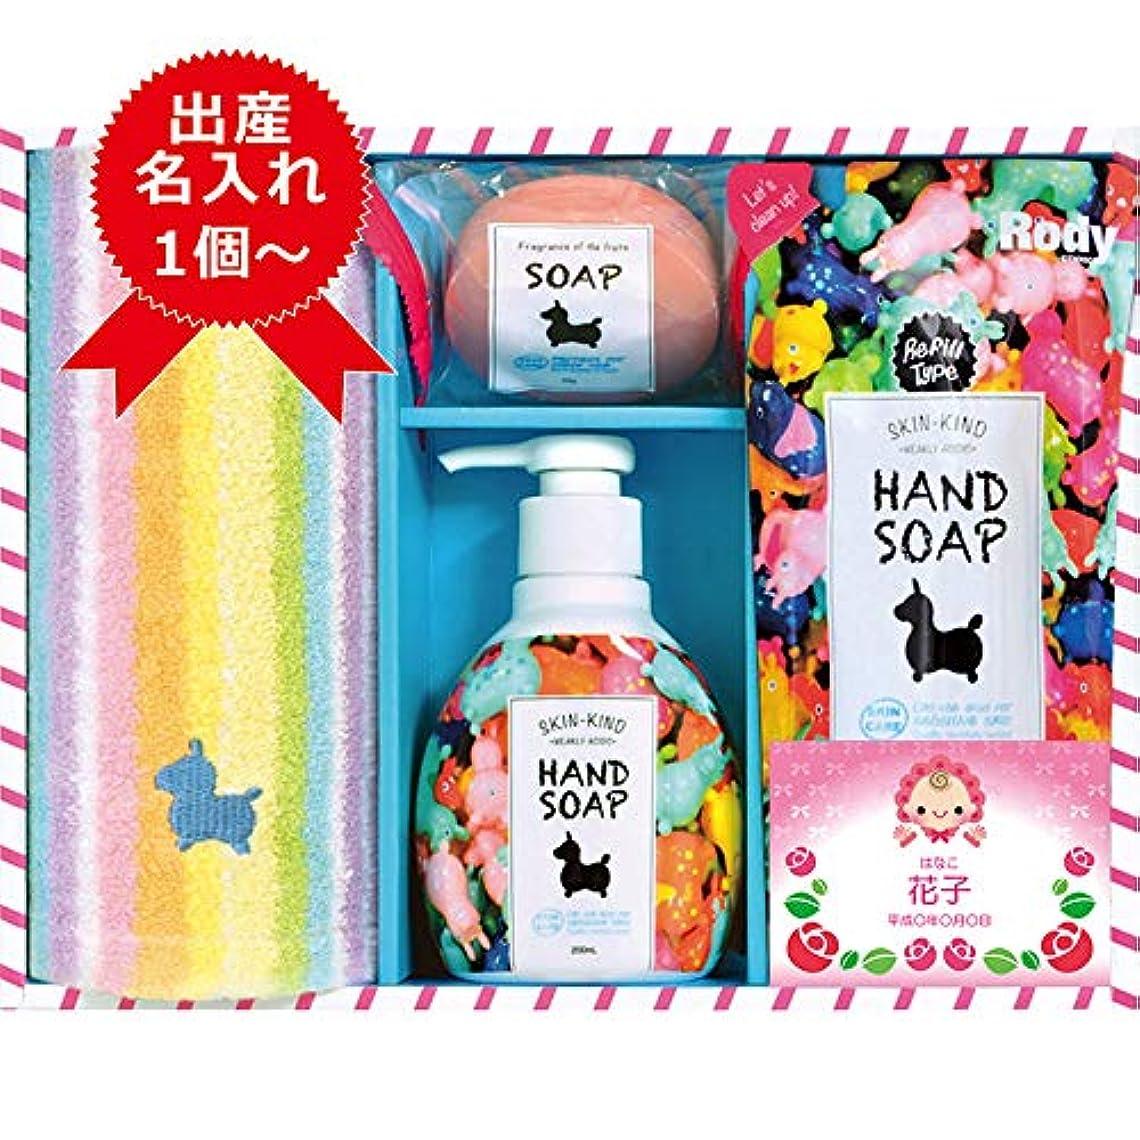 卒業トイレすぐに1個から名入れOK ロディ ハンドソープ& B-cardR-15F [台所洗剤ギフト]